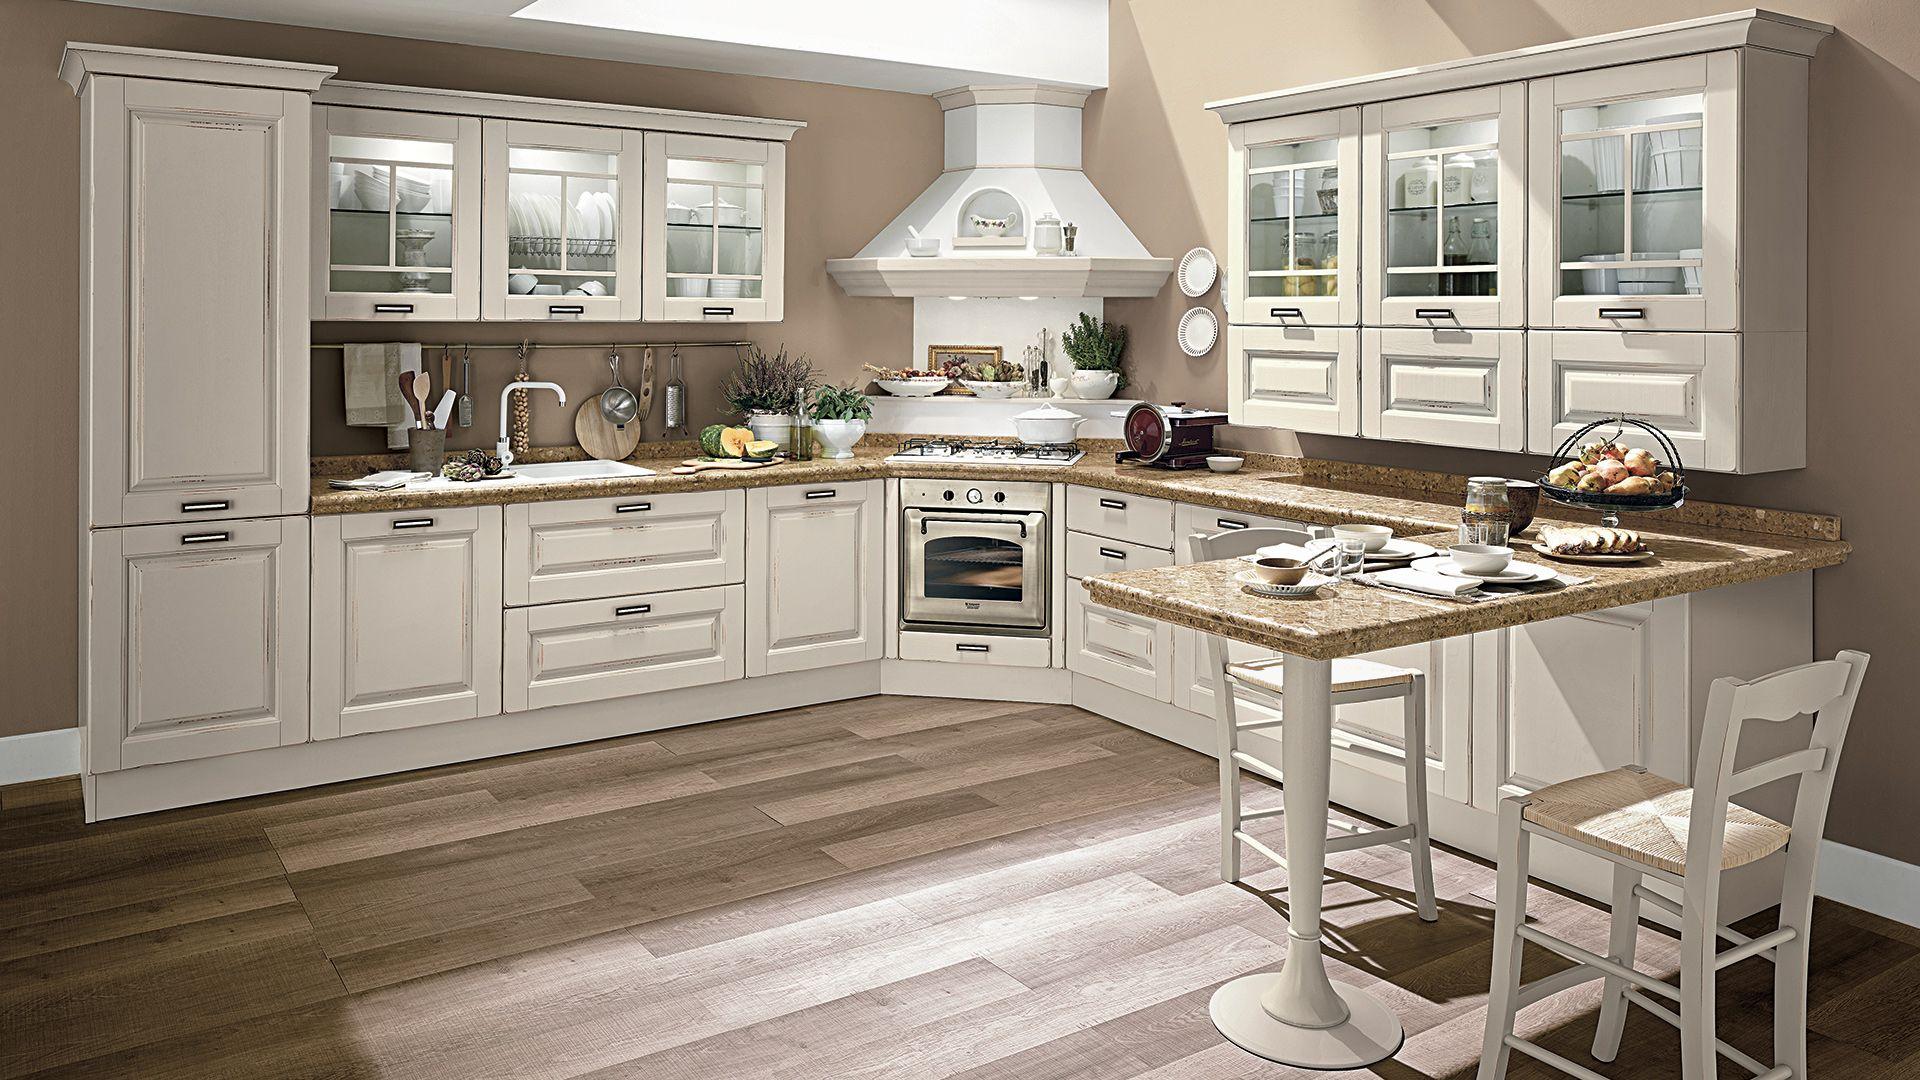 Laura - Cucine Classiche - Cucine Lube | Konyha | Kitchen decor ...